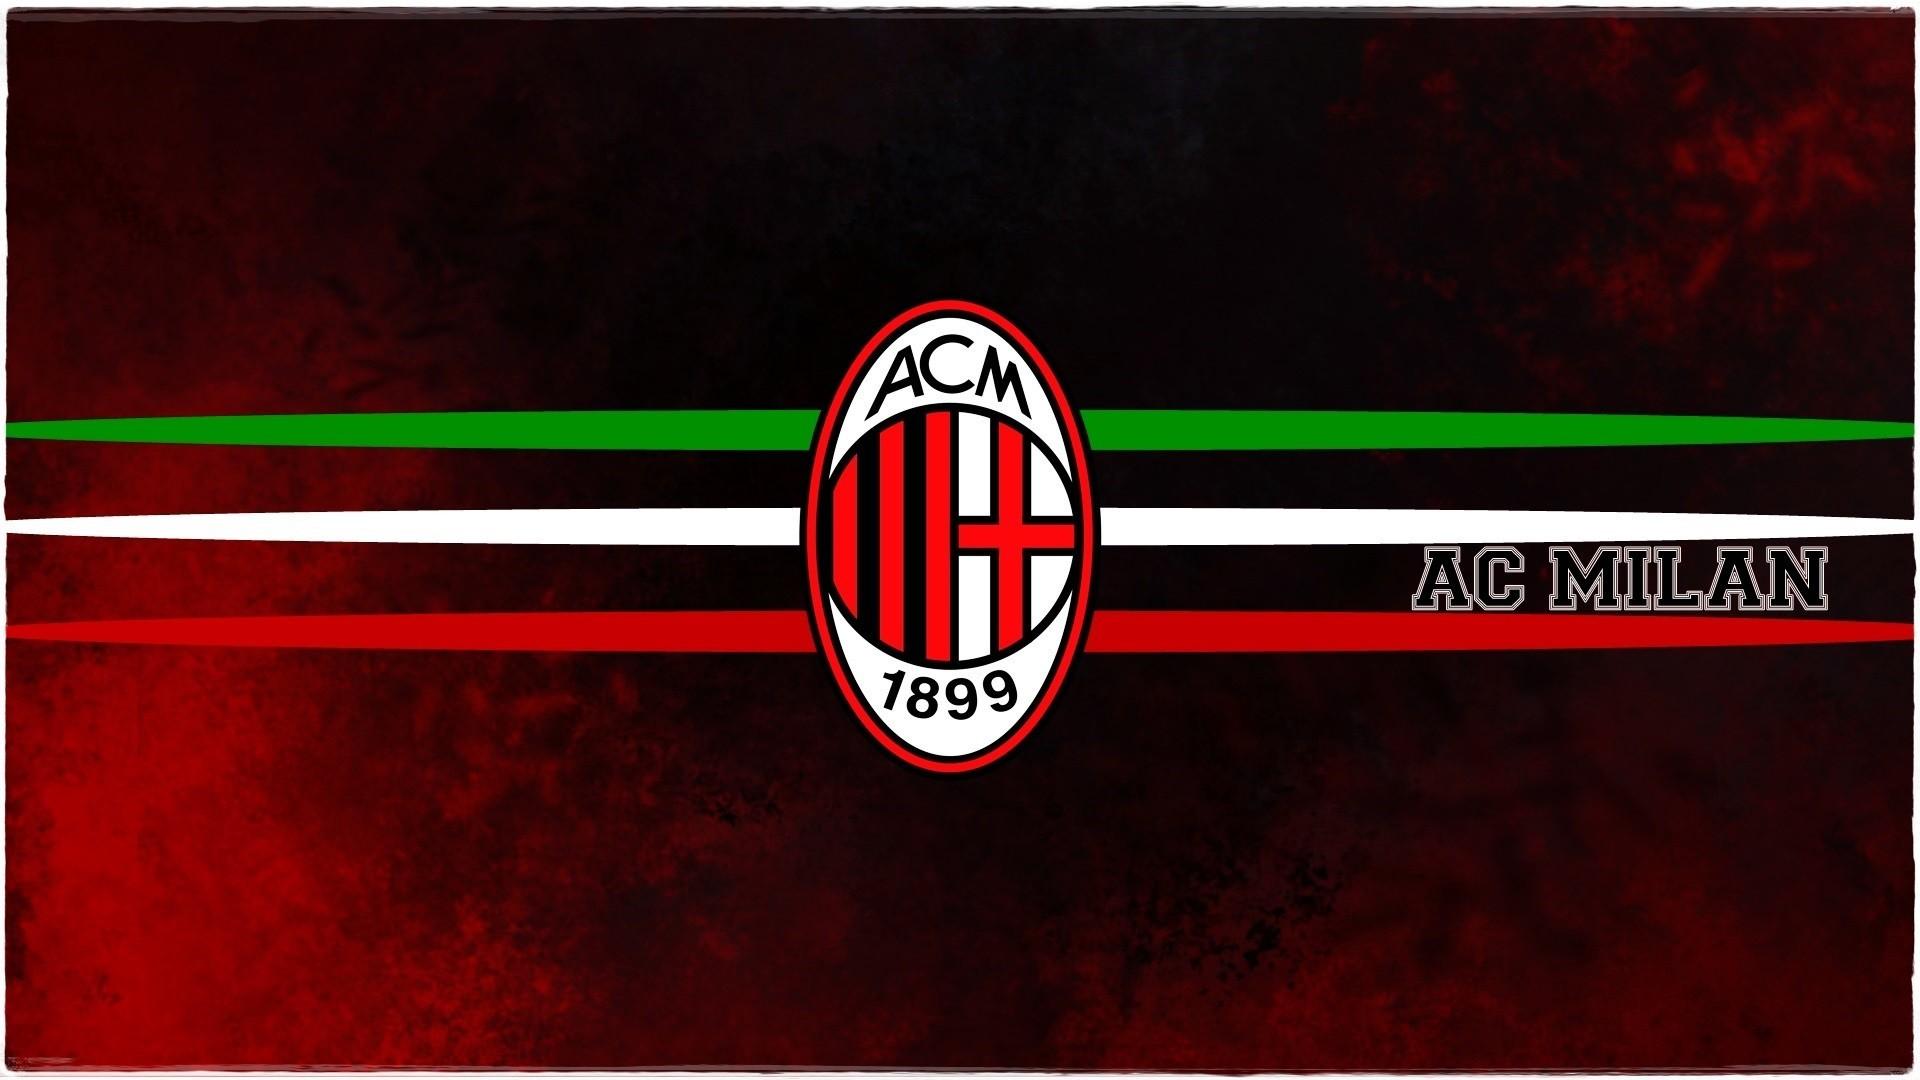 Ac Milan Wallpapers (63+ images)